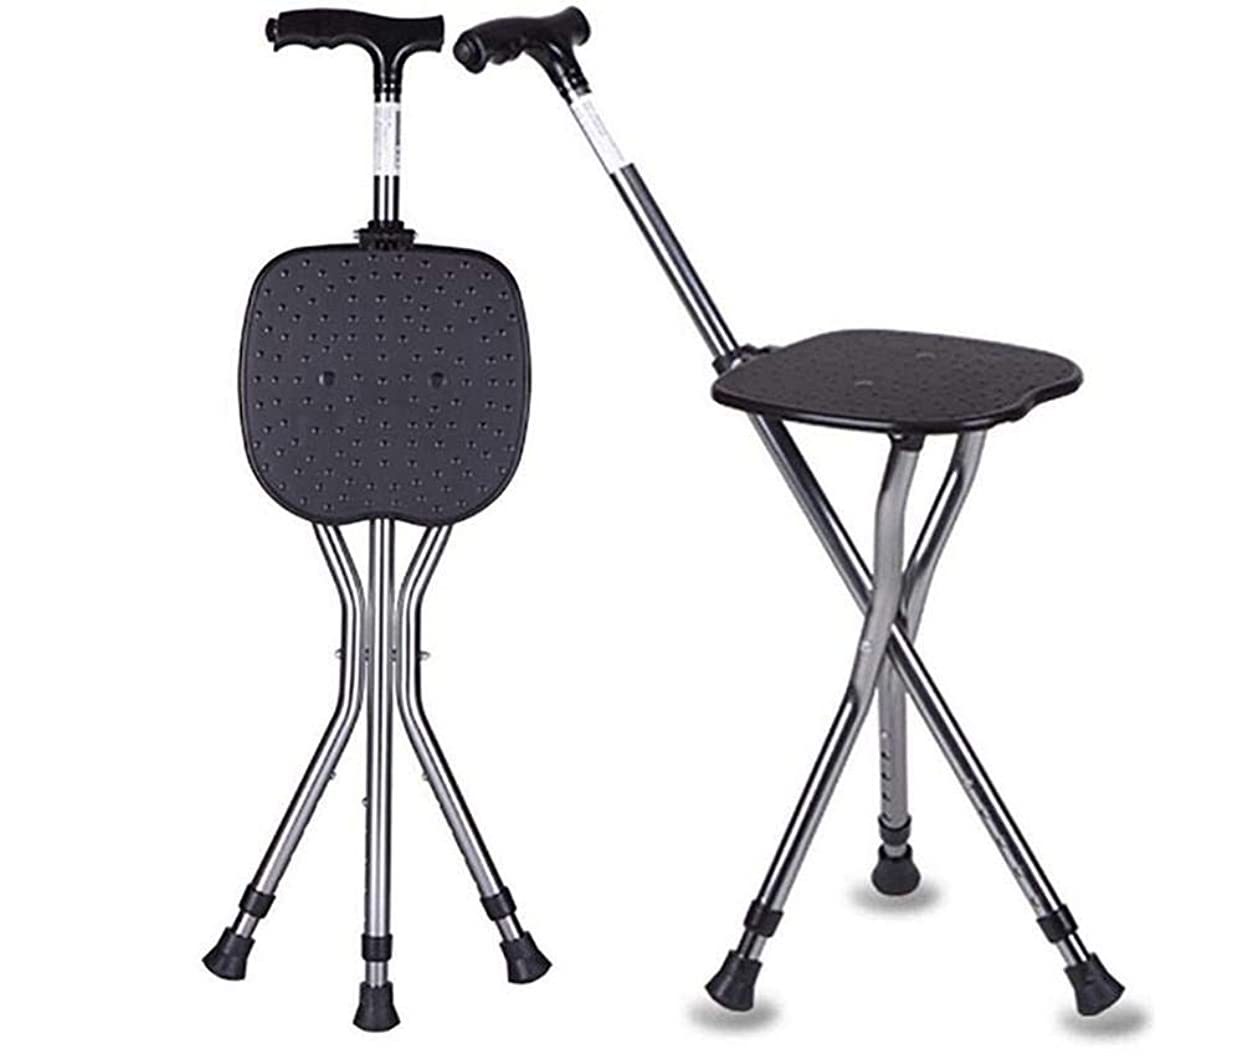 交渉する降雨モトリー松葉杖衛生用品ヘルスケア、折りたたみ式の杖、調整可能な高さのシートが付いている松葉杖の調整可能なウォーキングチェアスツールは、ライト86-96Cmを導いた